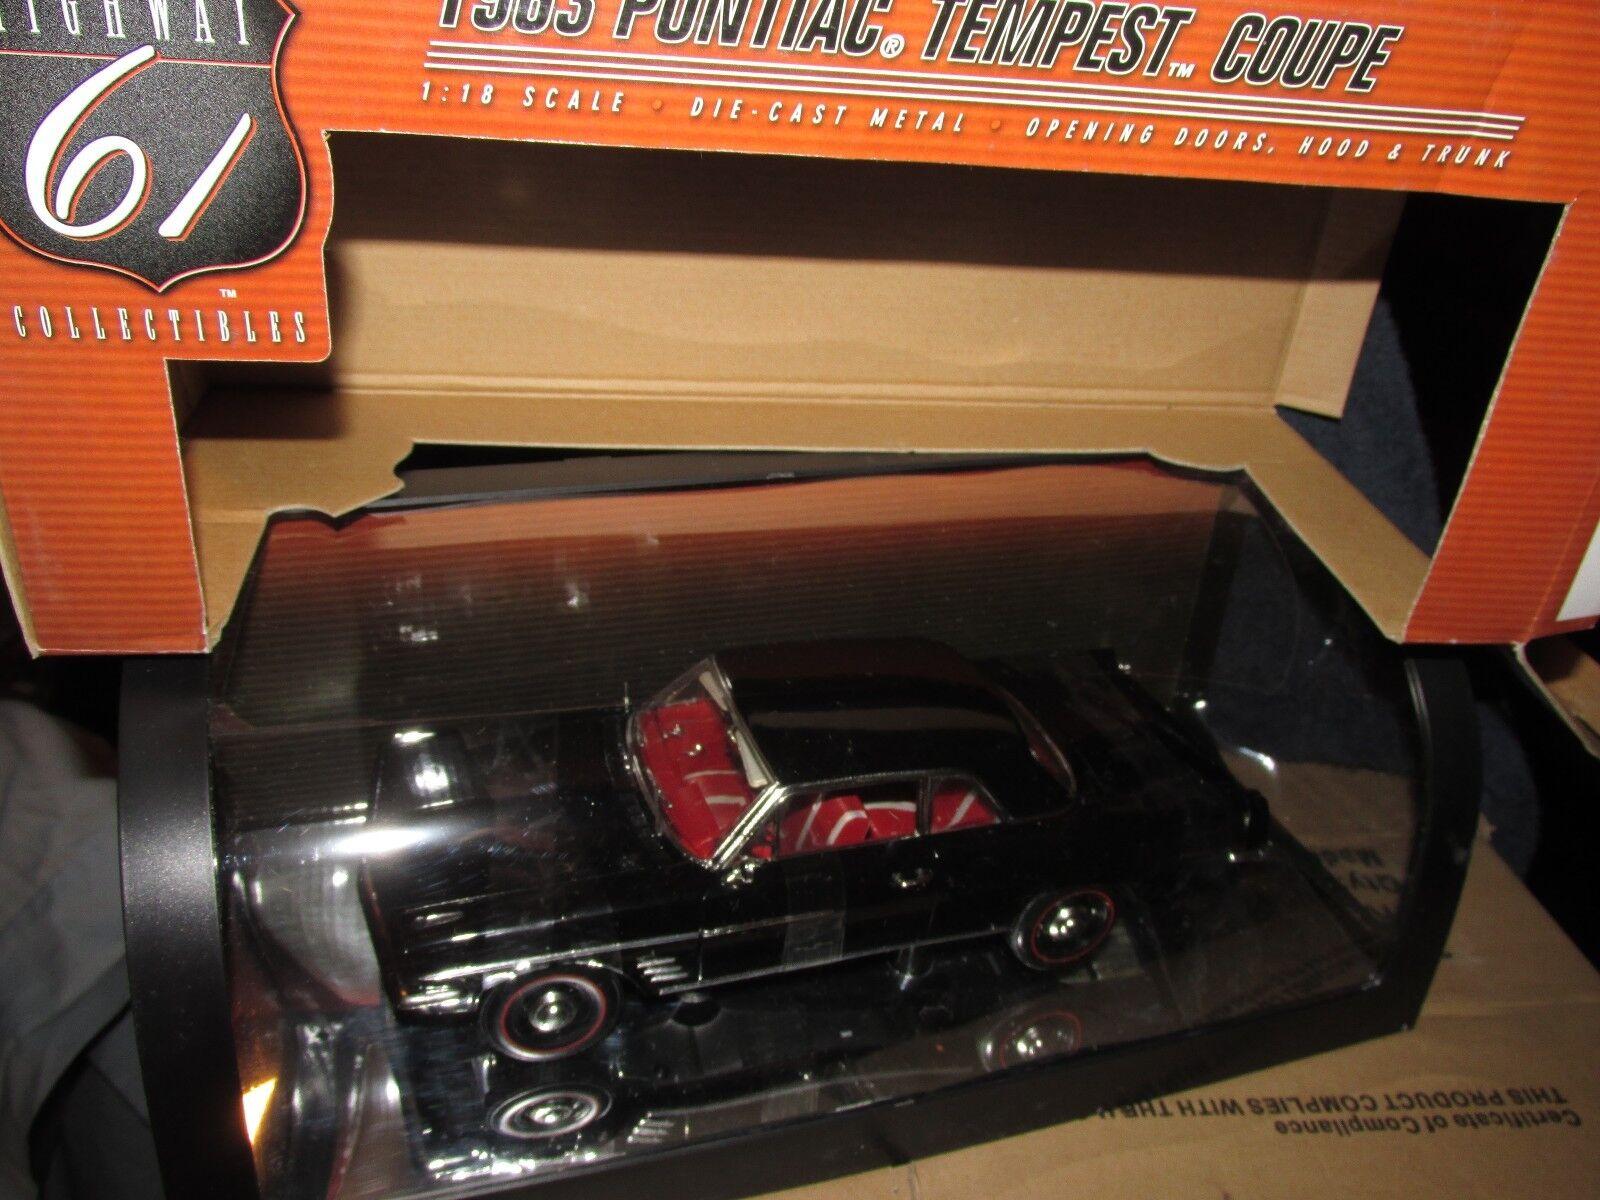 Highway 61 1963 tempestad de Pontiac Coupe 1 18 nero W ruedas stock Interior rosso